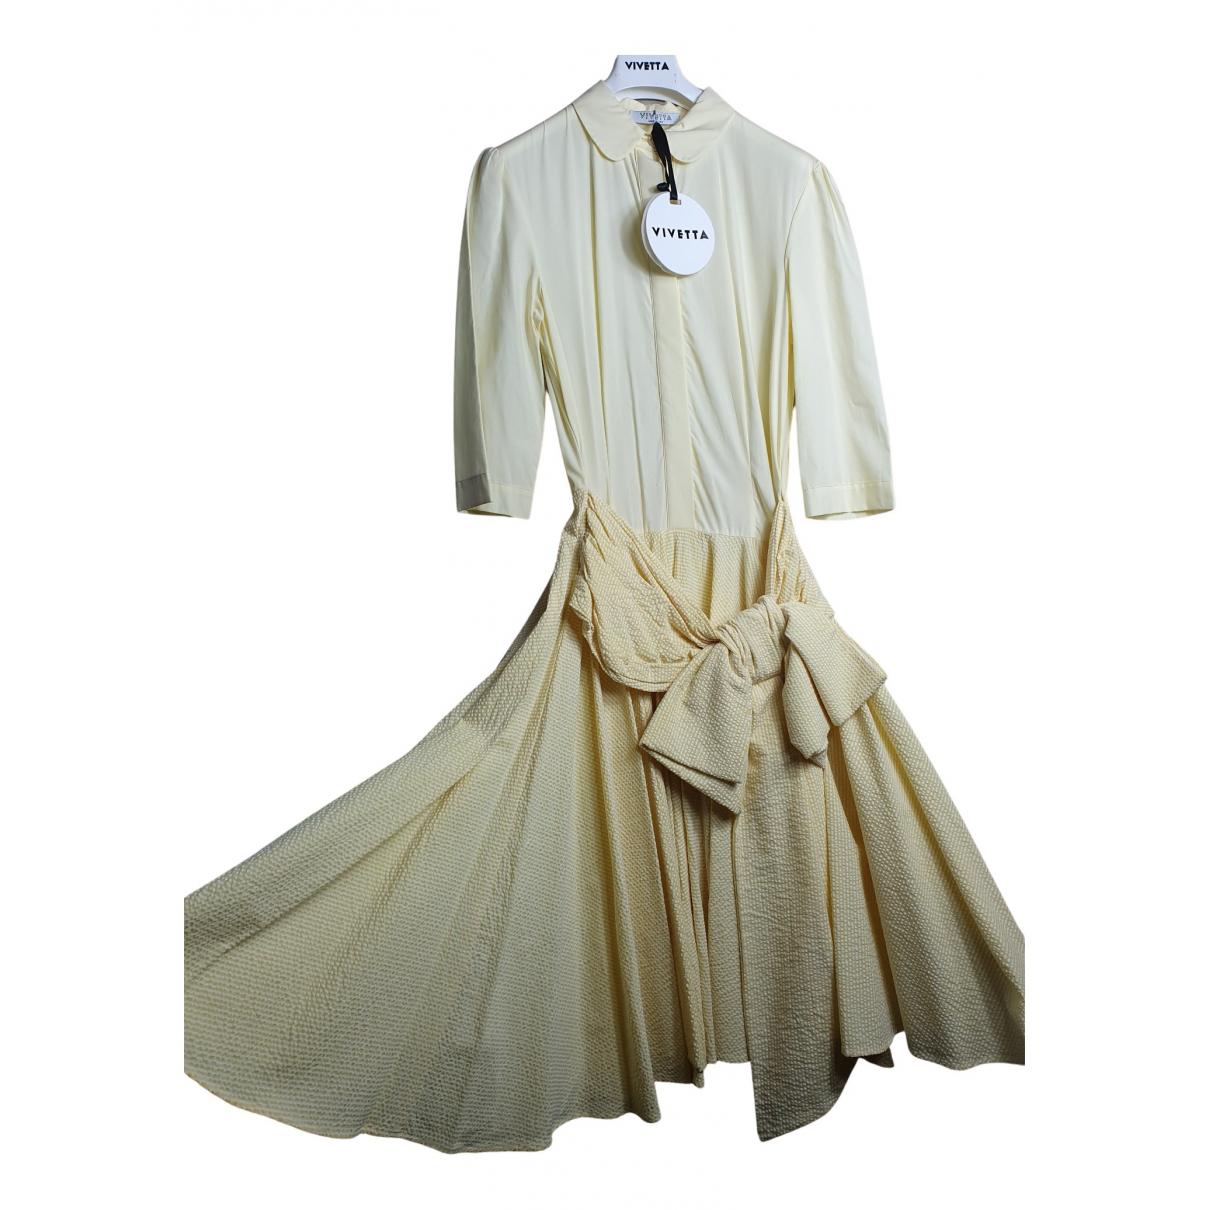 Vivetta \N Kleid in  Gelb Baumwolle